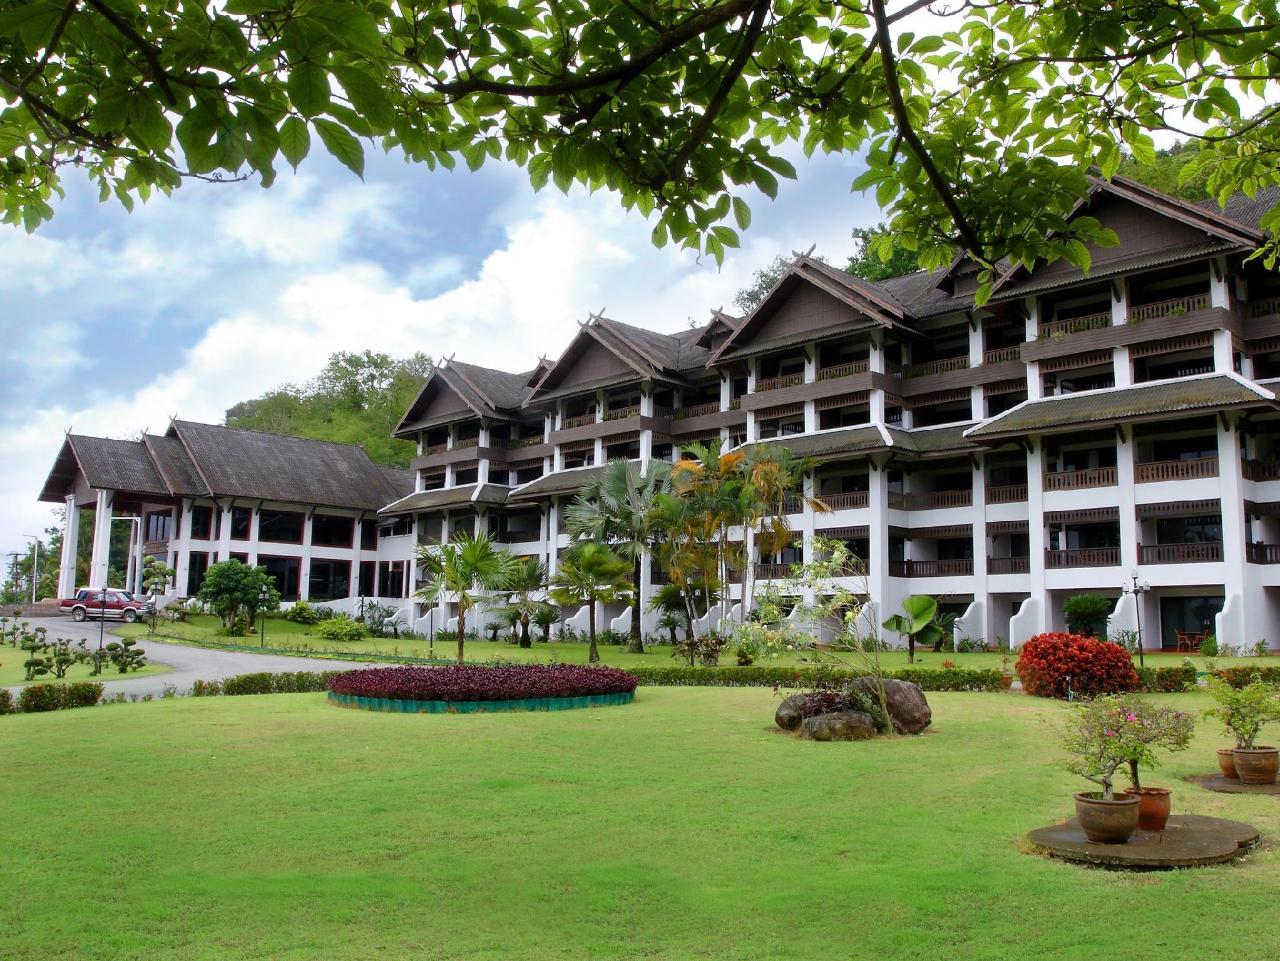 อิมพีเรียล โกลเด้น ไทรแองเกิ้ล รีสอร์ท (Imperial Golden Triangle Resort)